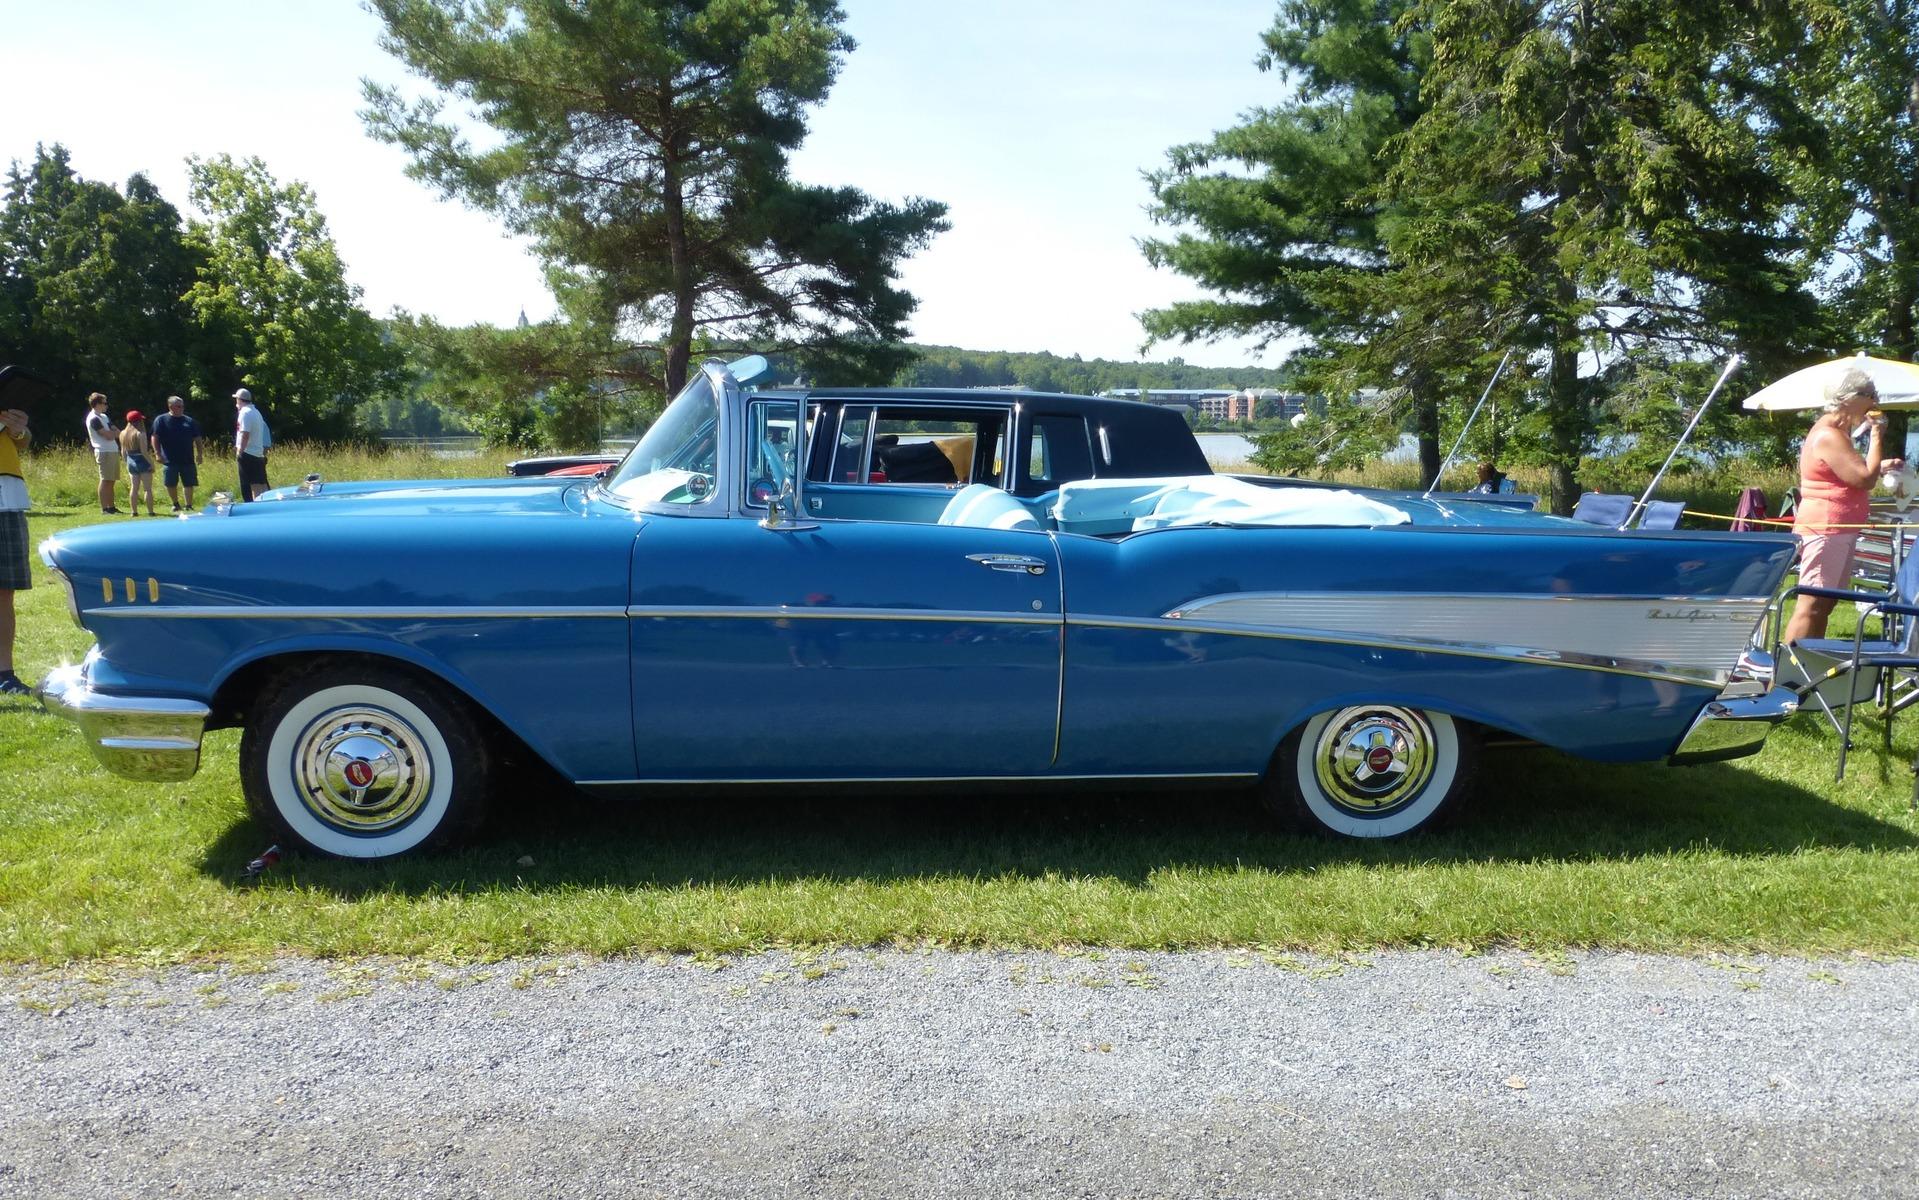 chevrolet bel air 1957 60 ans et flambant neuve guide auto. Black Bedroom Furniture Sets. Home Design Ideas